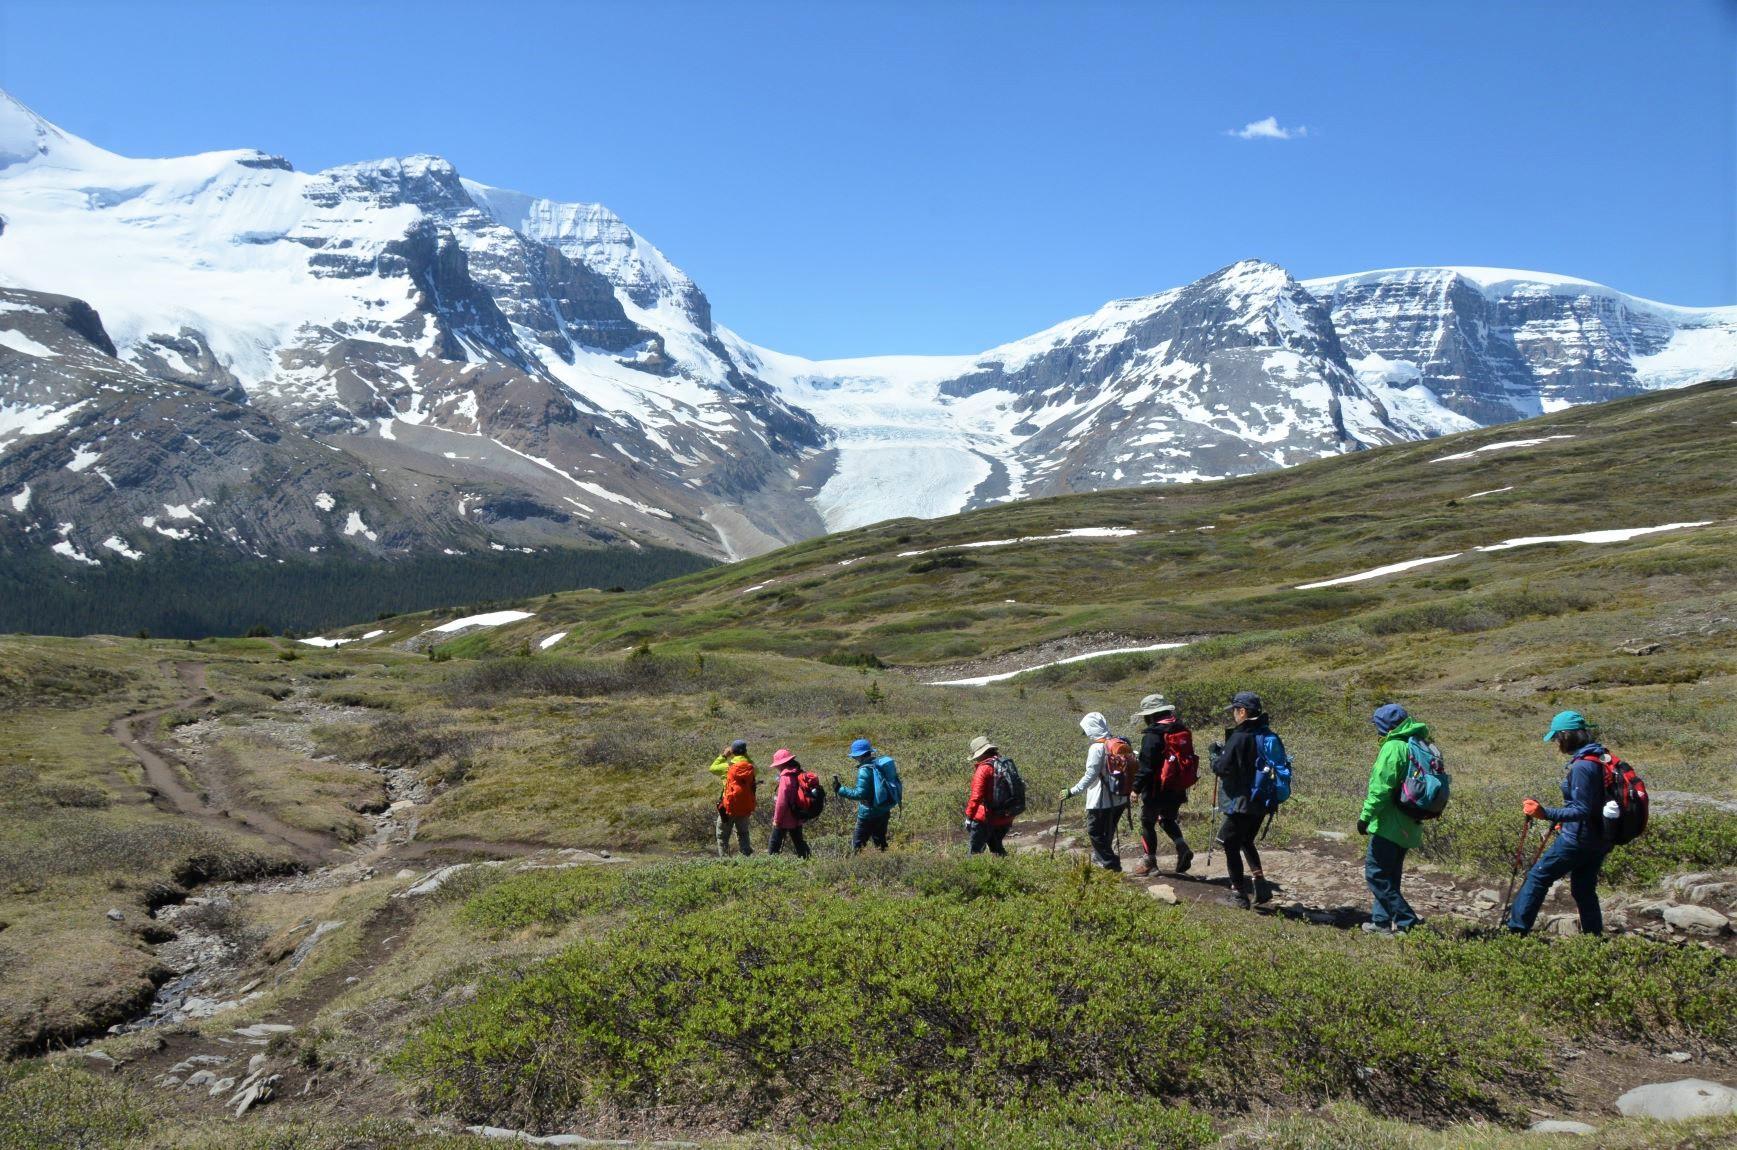 アサバスカ氷河と迫力の山々の展望が広がるウィルコックス・メドウにて(3日目)